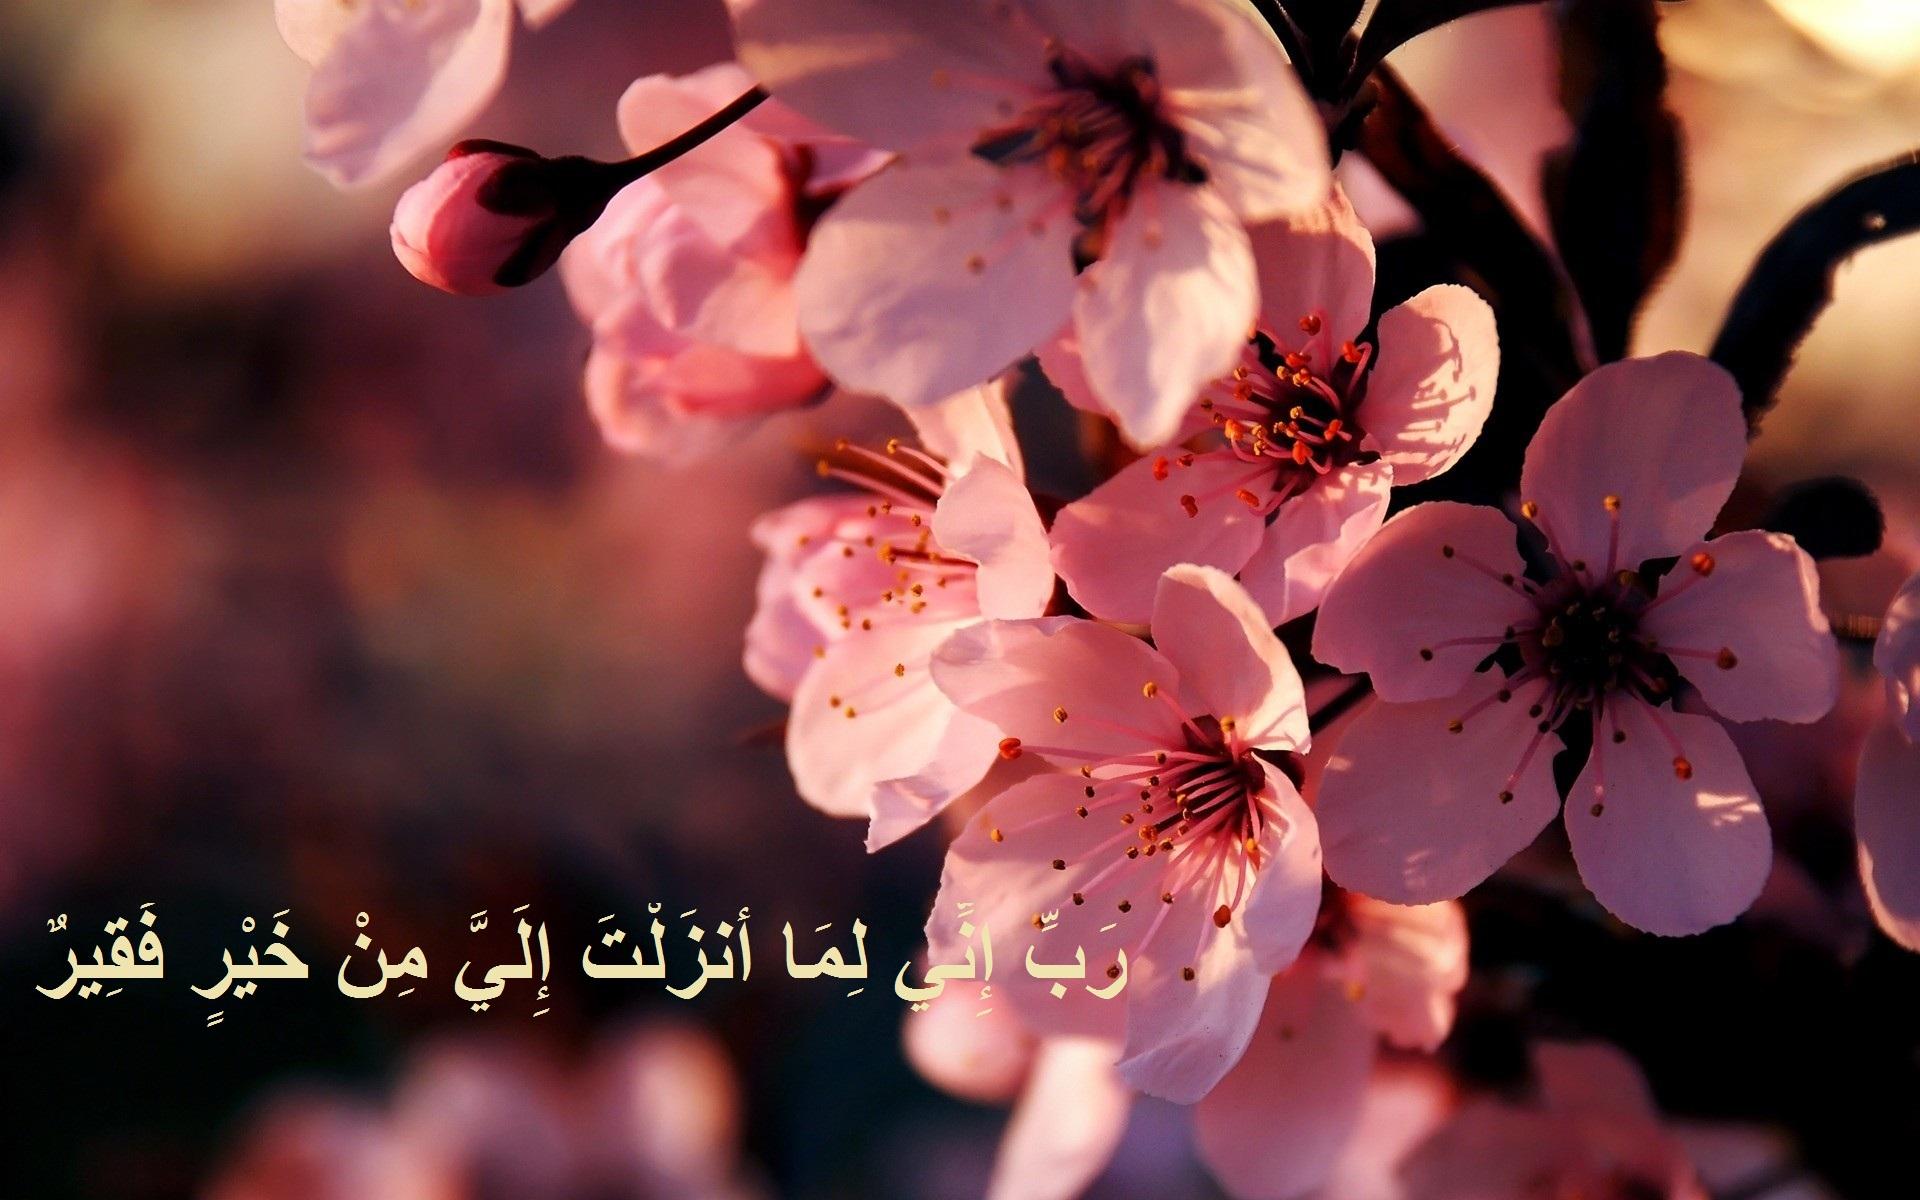 خلفيات دعاء اجمل صور خلفيات ادعية اسلاميه مجلة رجيم